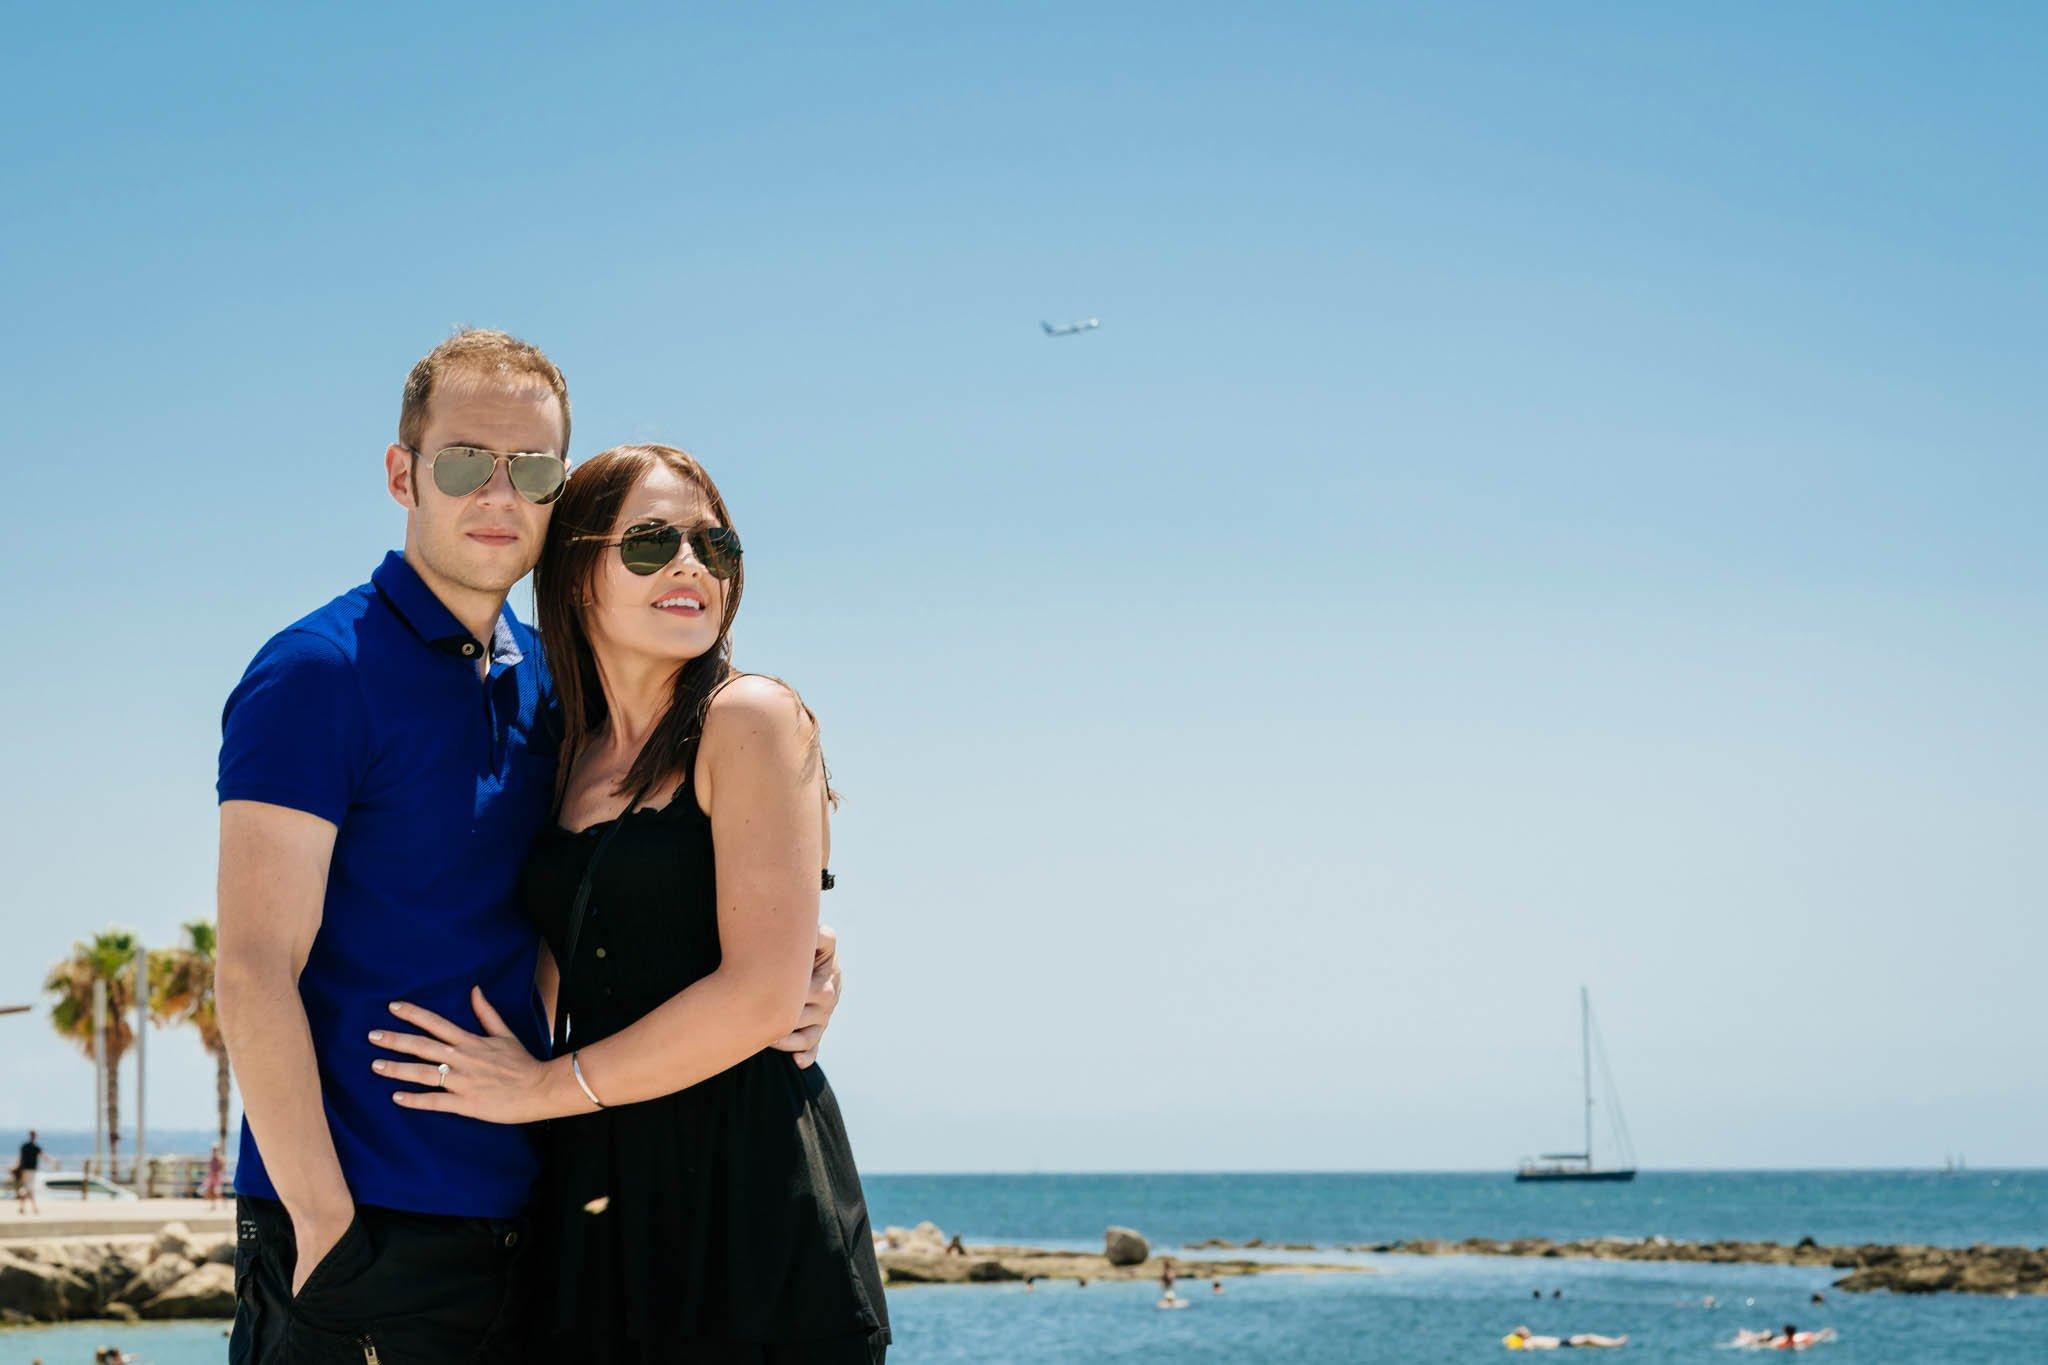 destination-wedding-photography-spain-palma-de-mallorca (140)